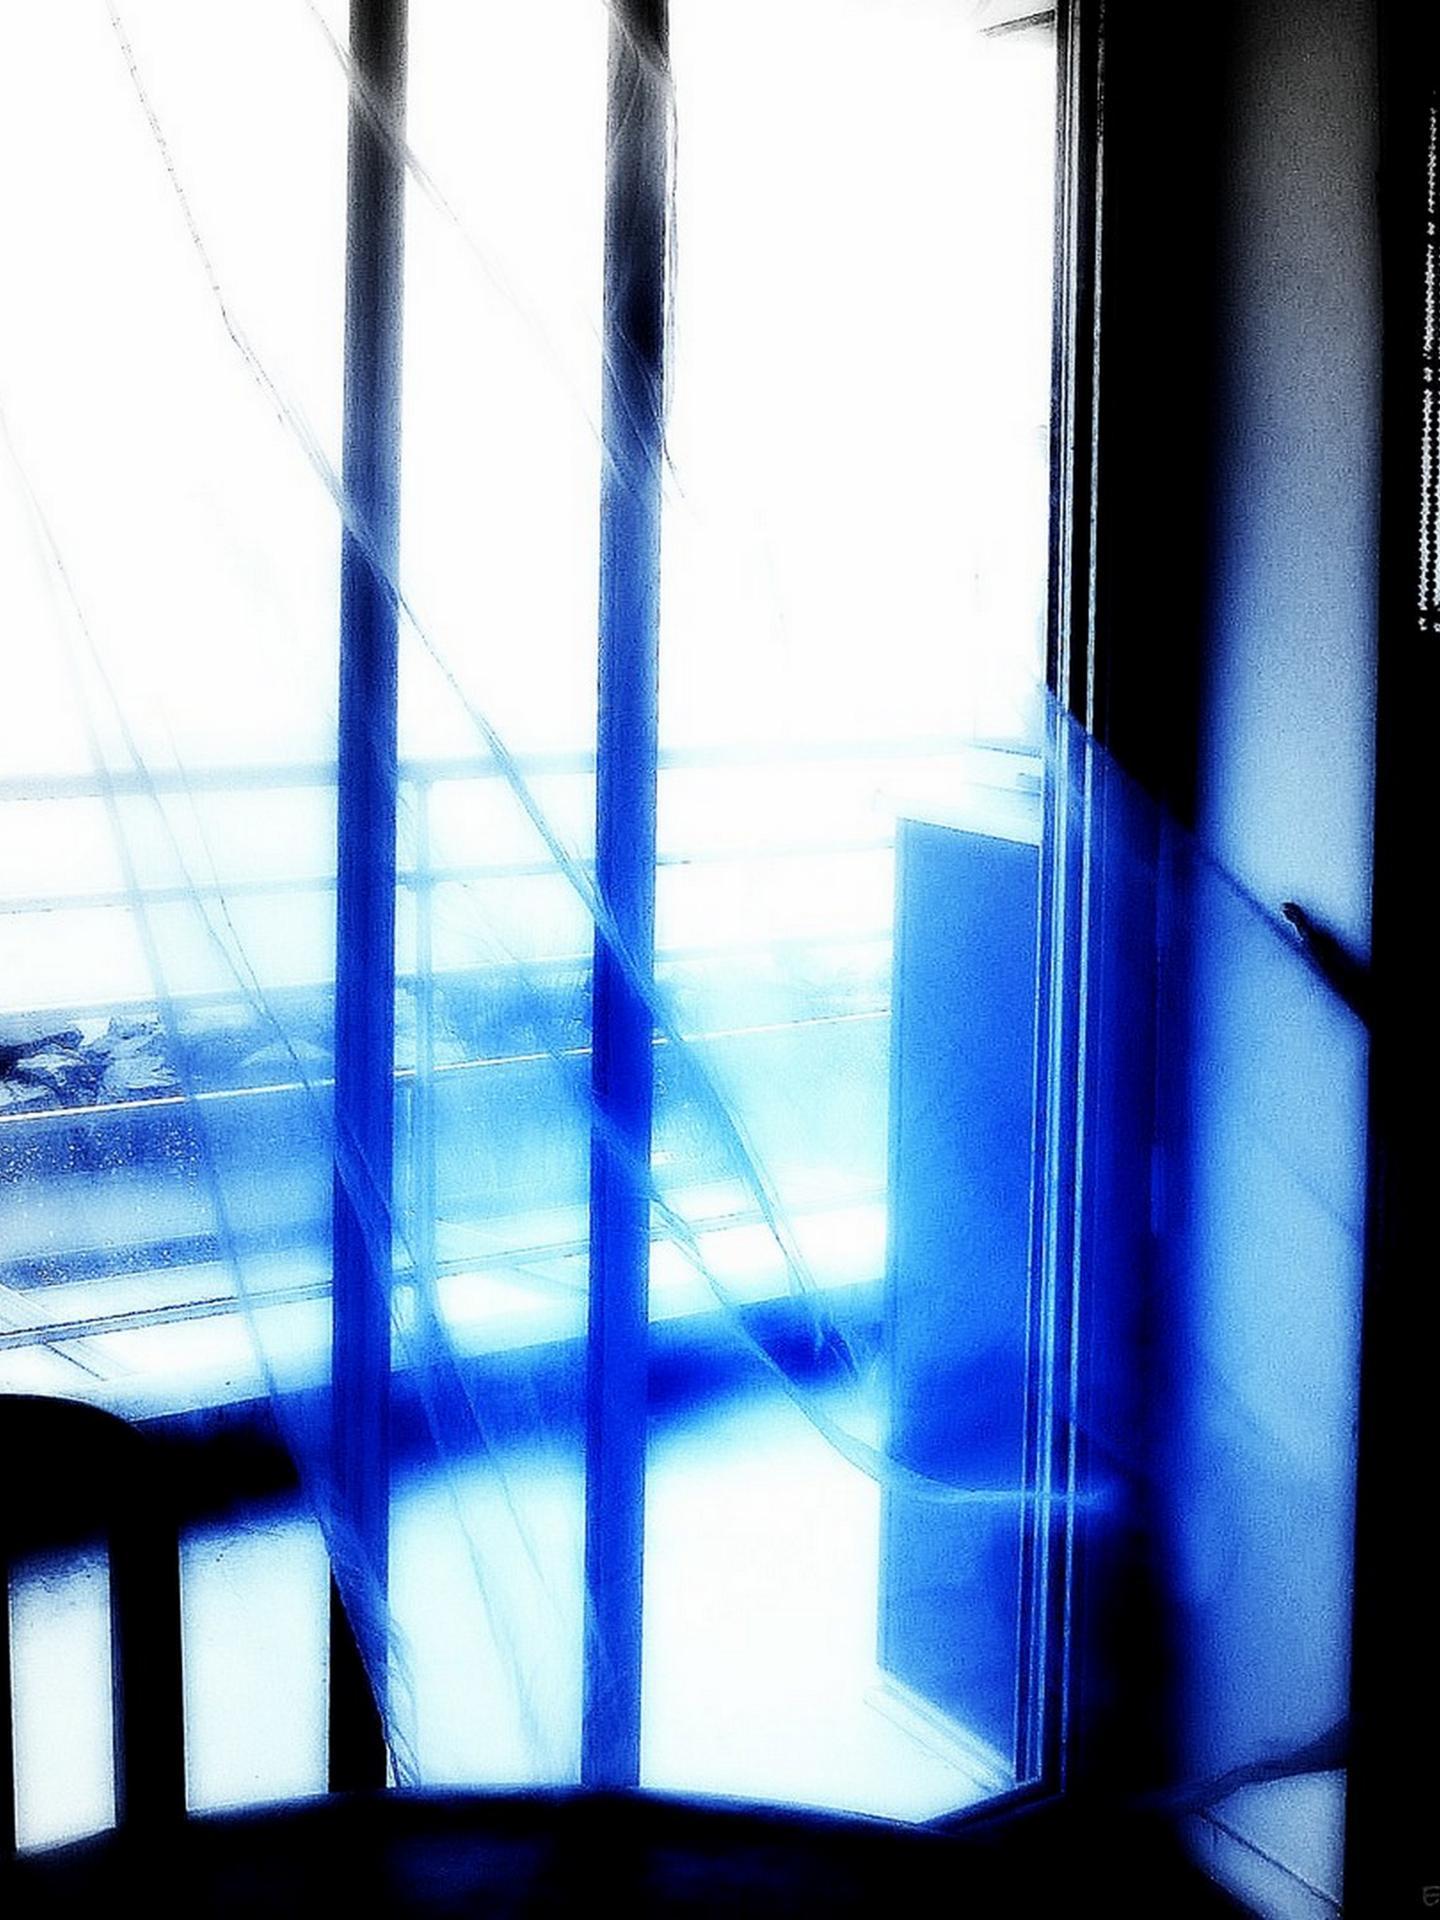 Le voile bleu ...